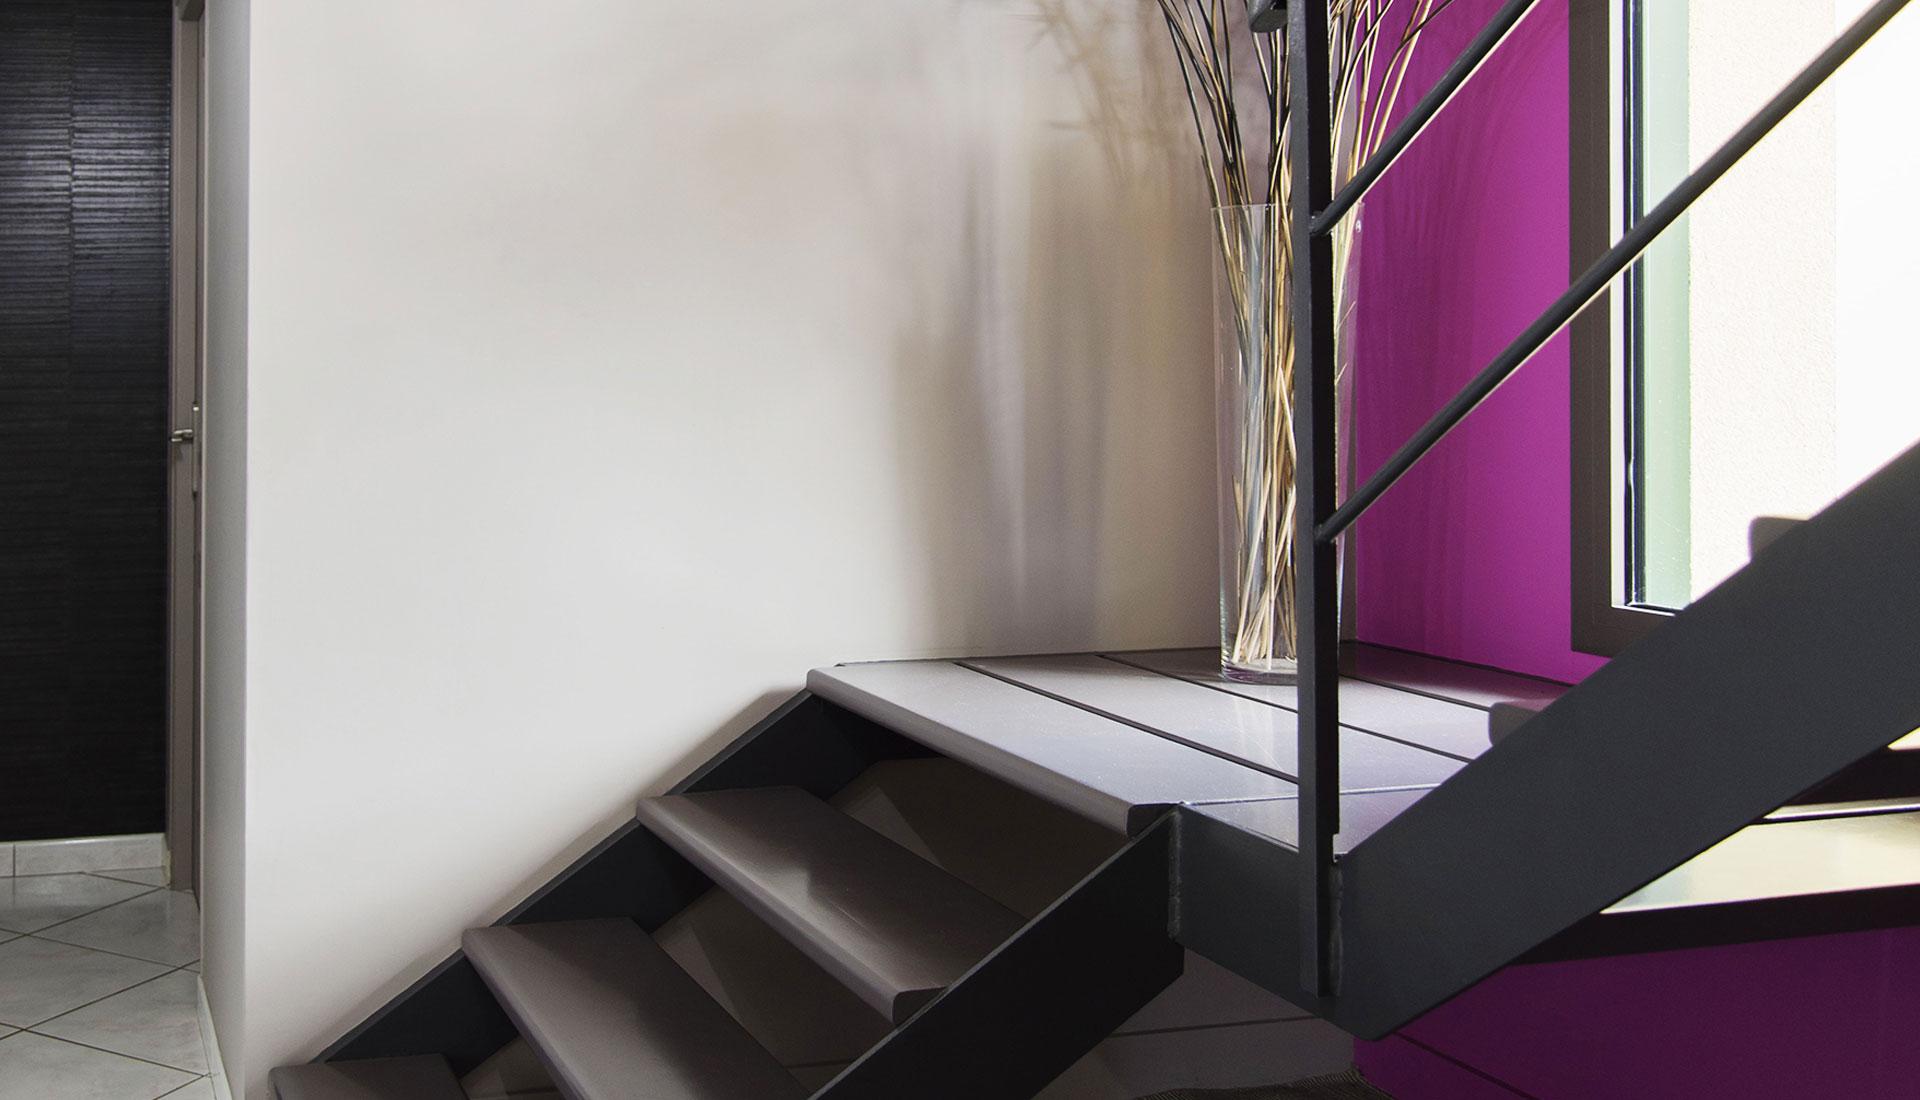 peinture mur et escalier allaire couleurs mati res. Black Bedroom Furniture Sets. Home Design Ideas